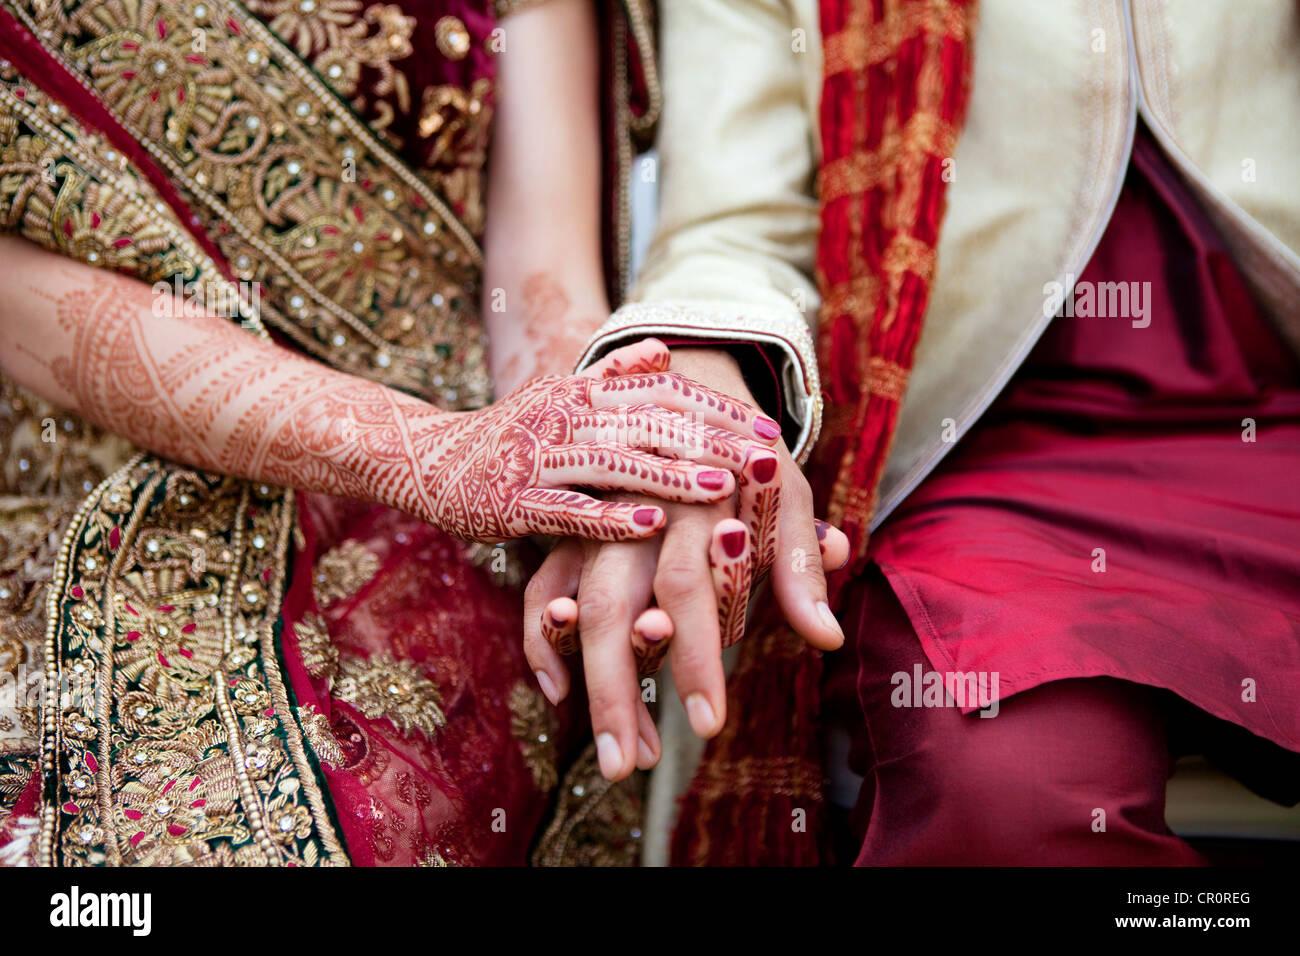 Sposa e lo sposo in indiana tradizionale abbigliamento nozze con Henna Tattoos. Foto Stock